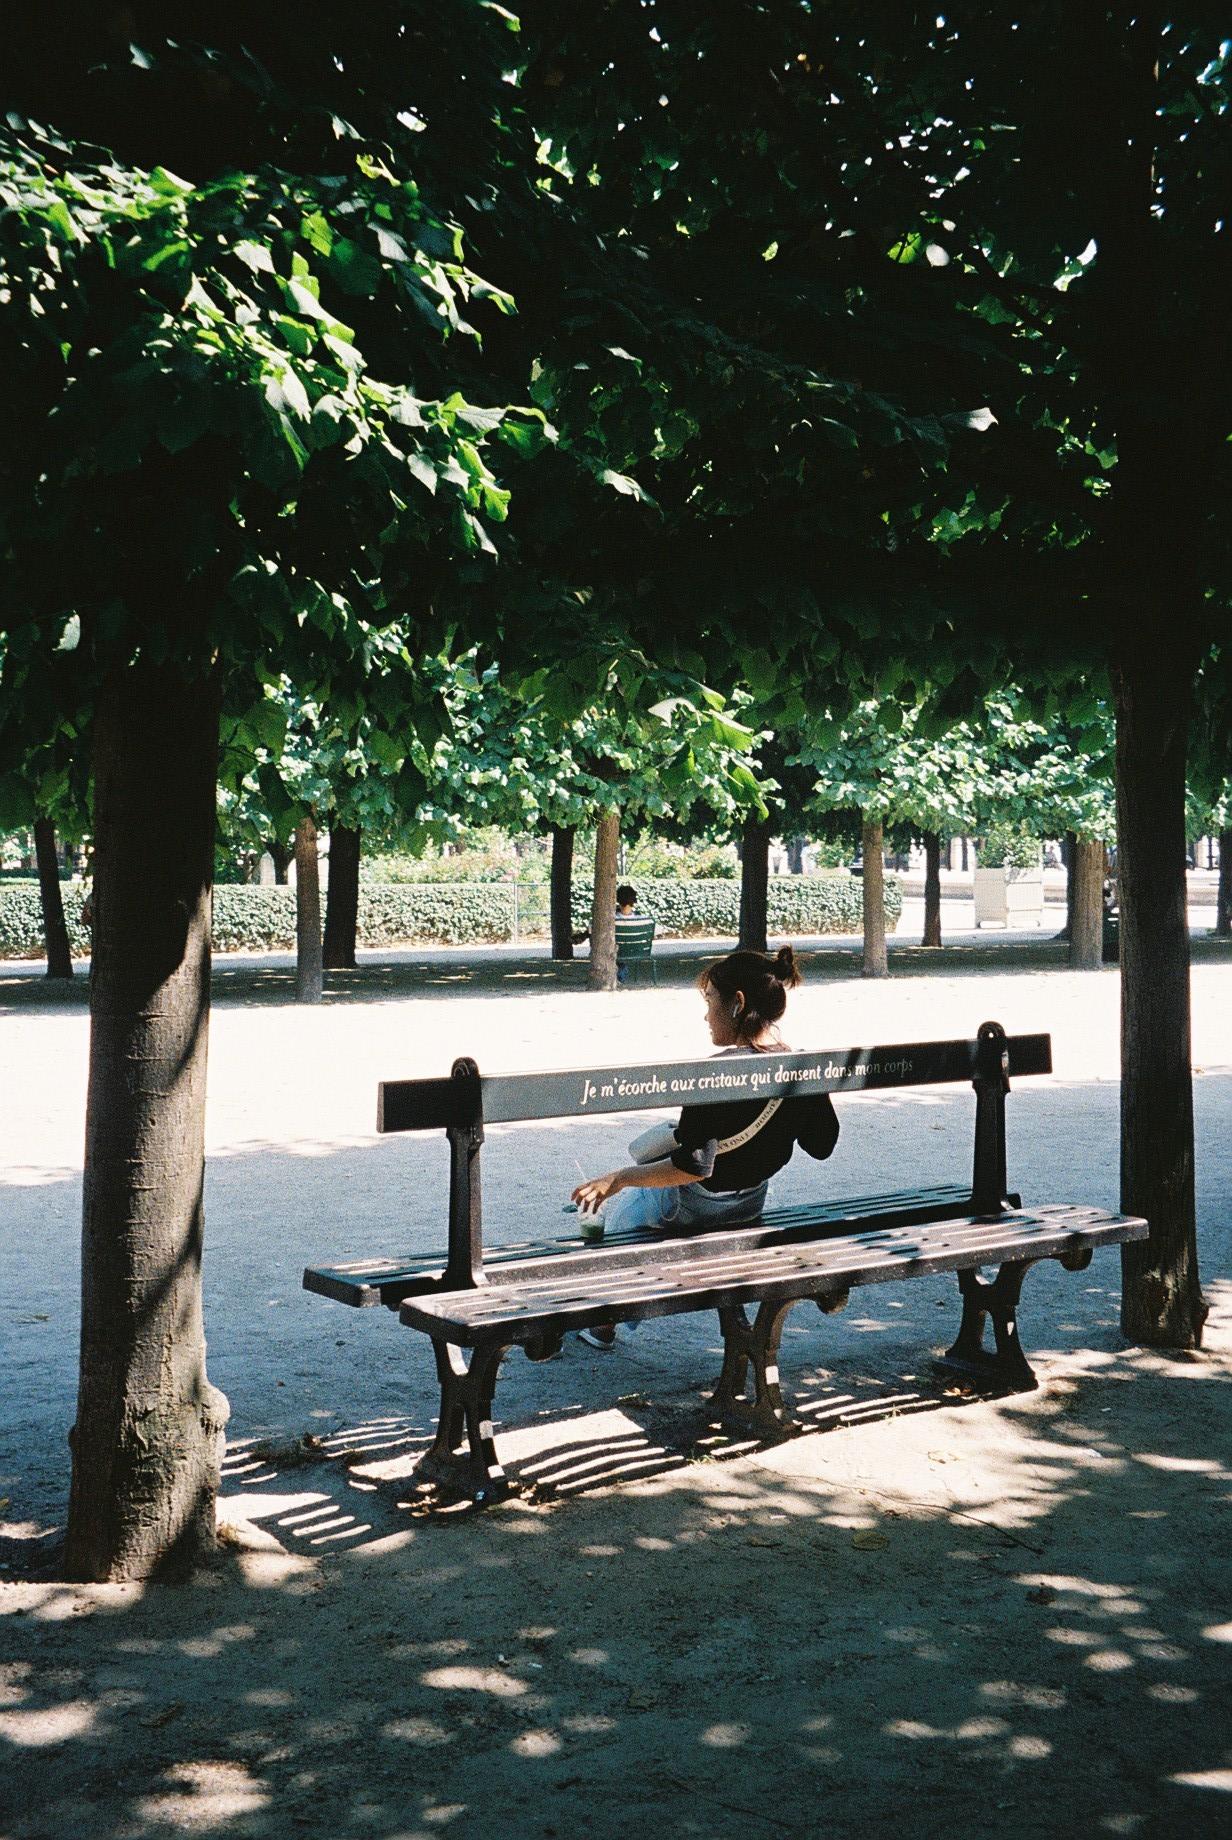 A very hot day in Paris, 40 degrees.  / Um dia muito quente em Paris, 40 graus.